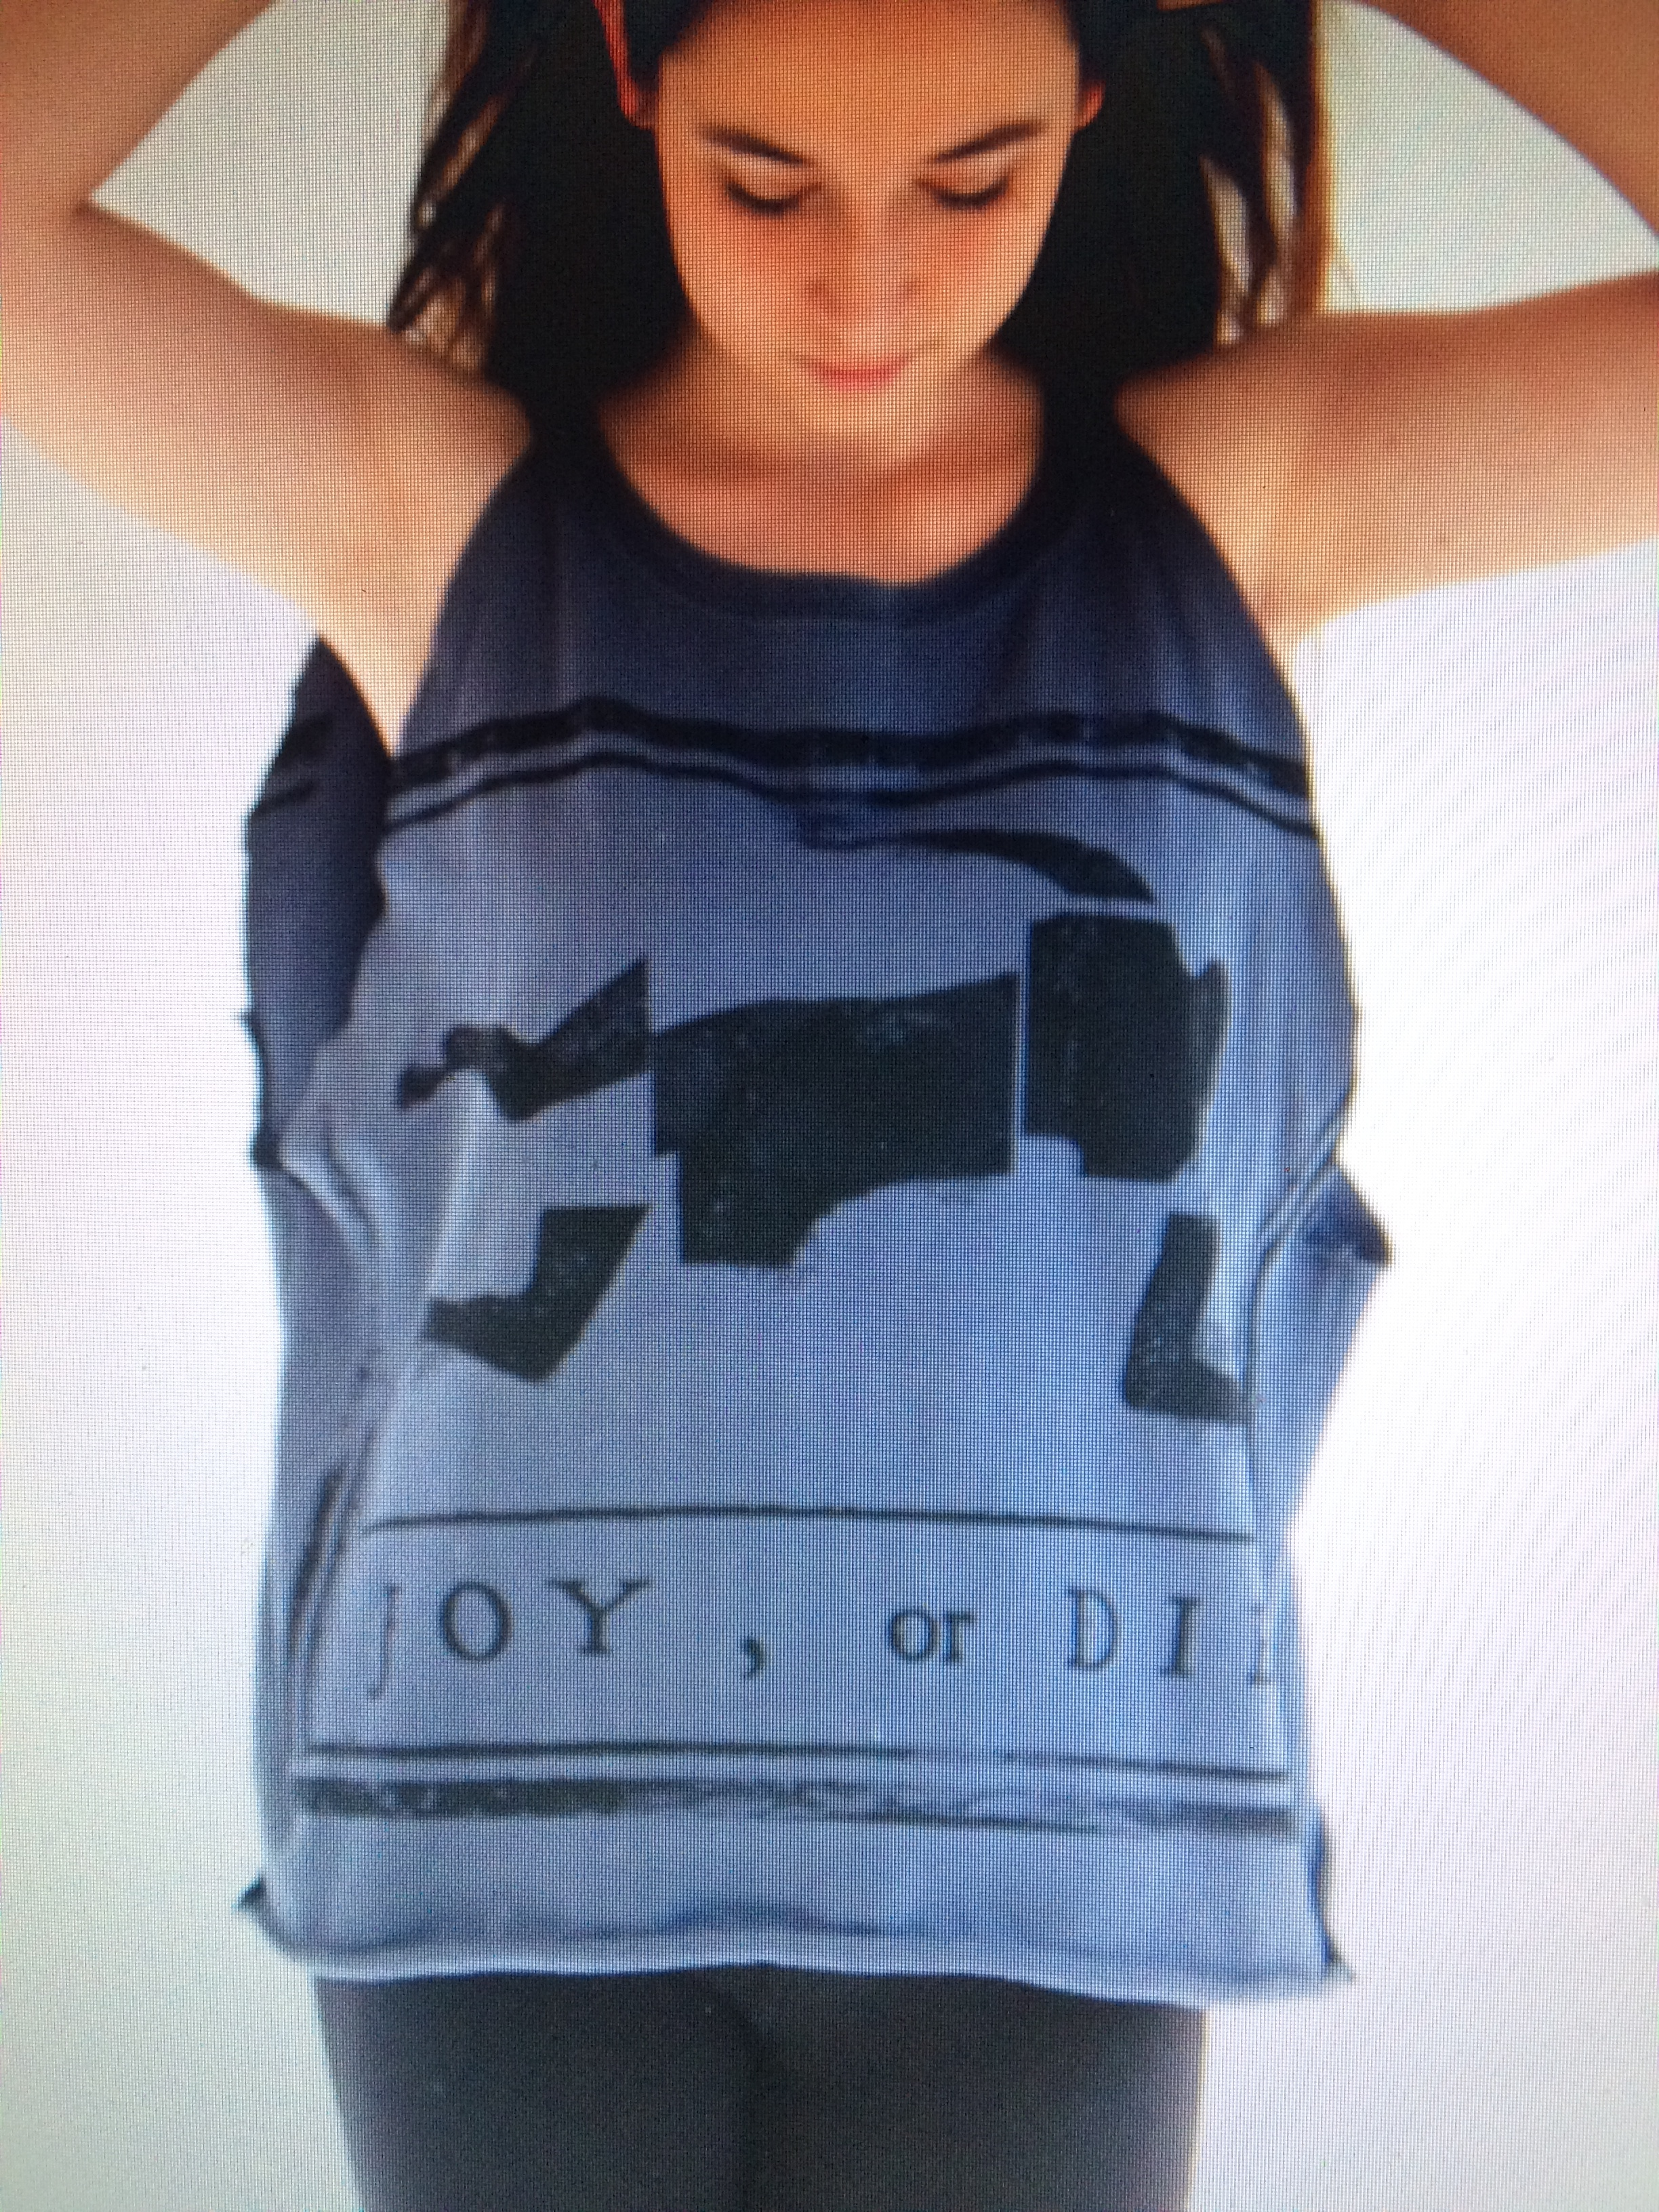 Joy or Die tee